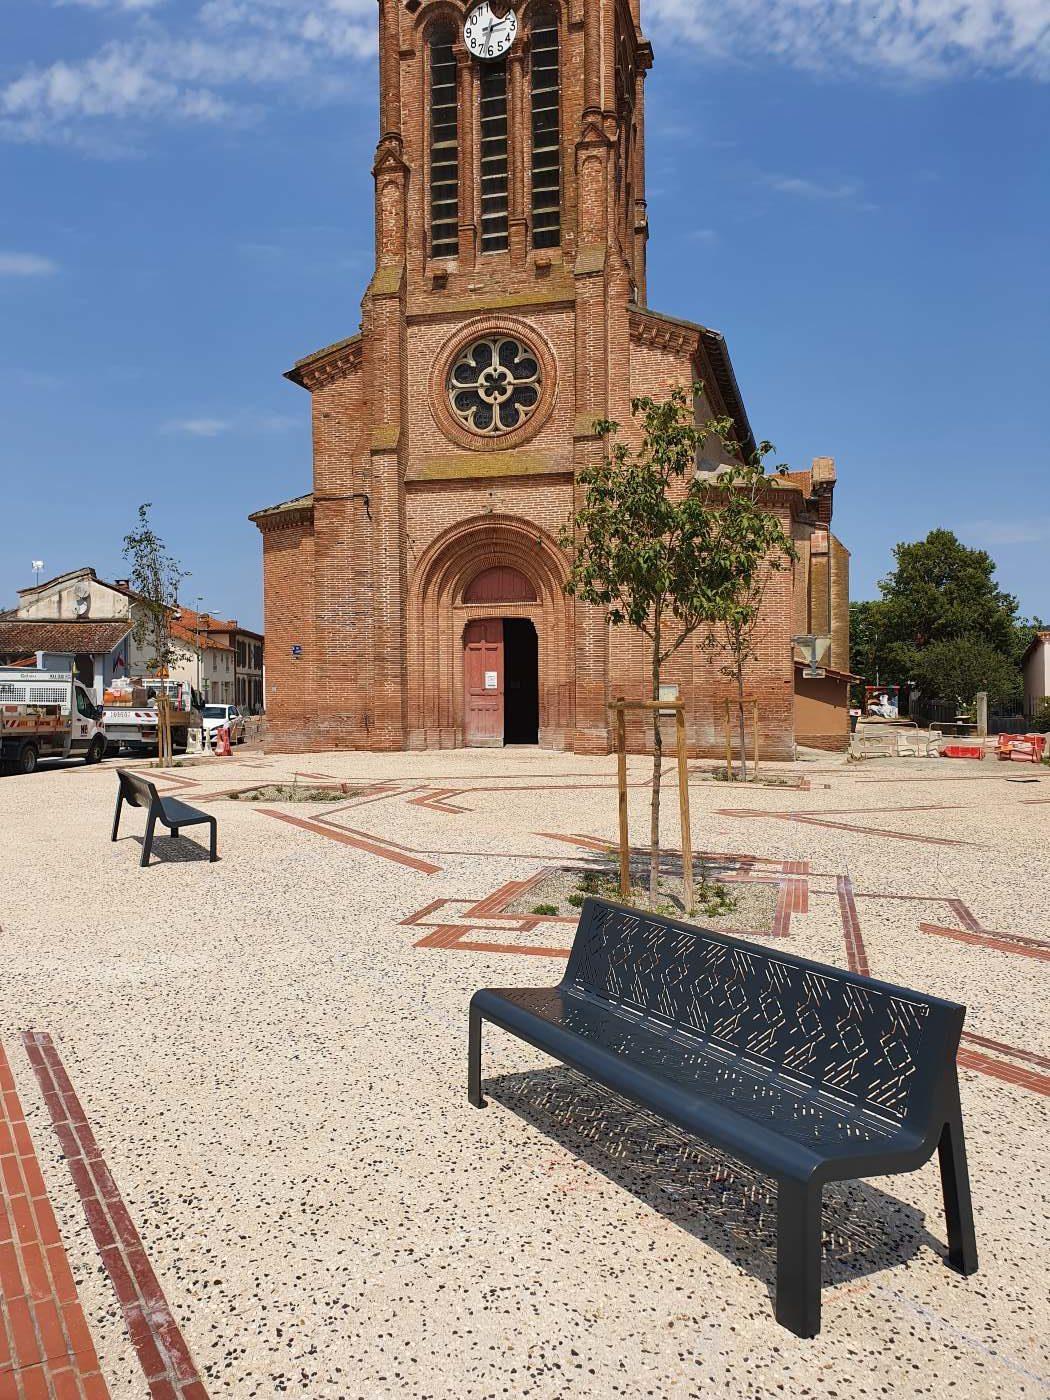 Le parvis de l'église et le mobilier spécifique